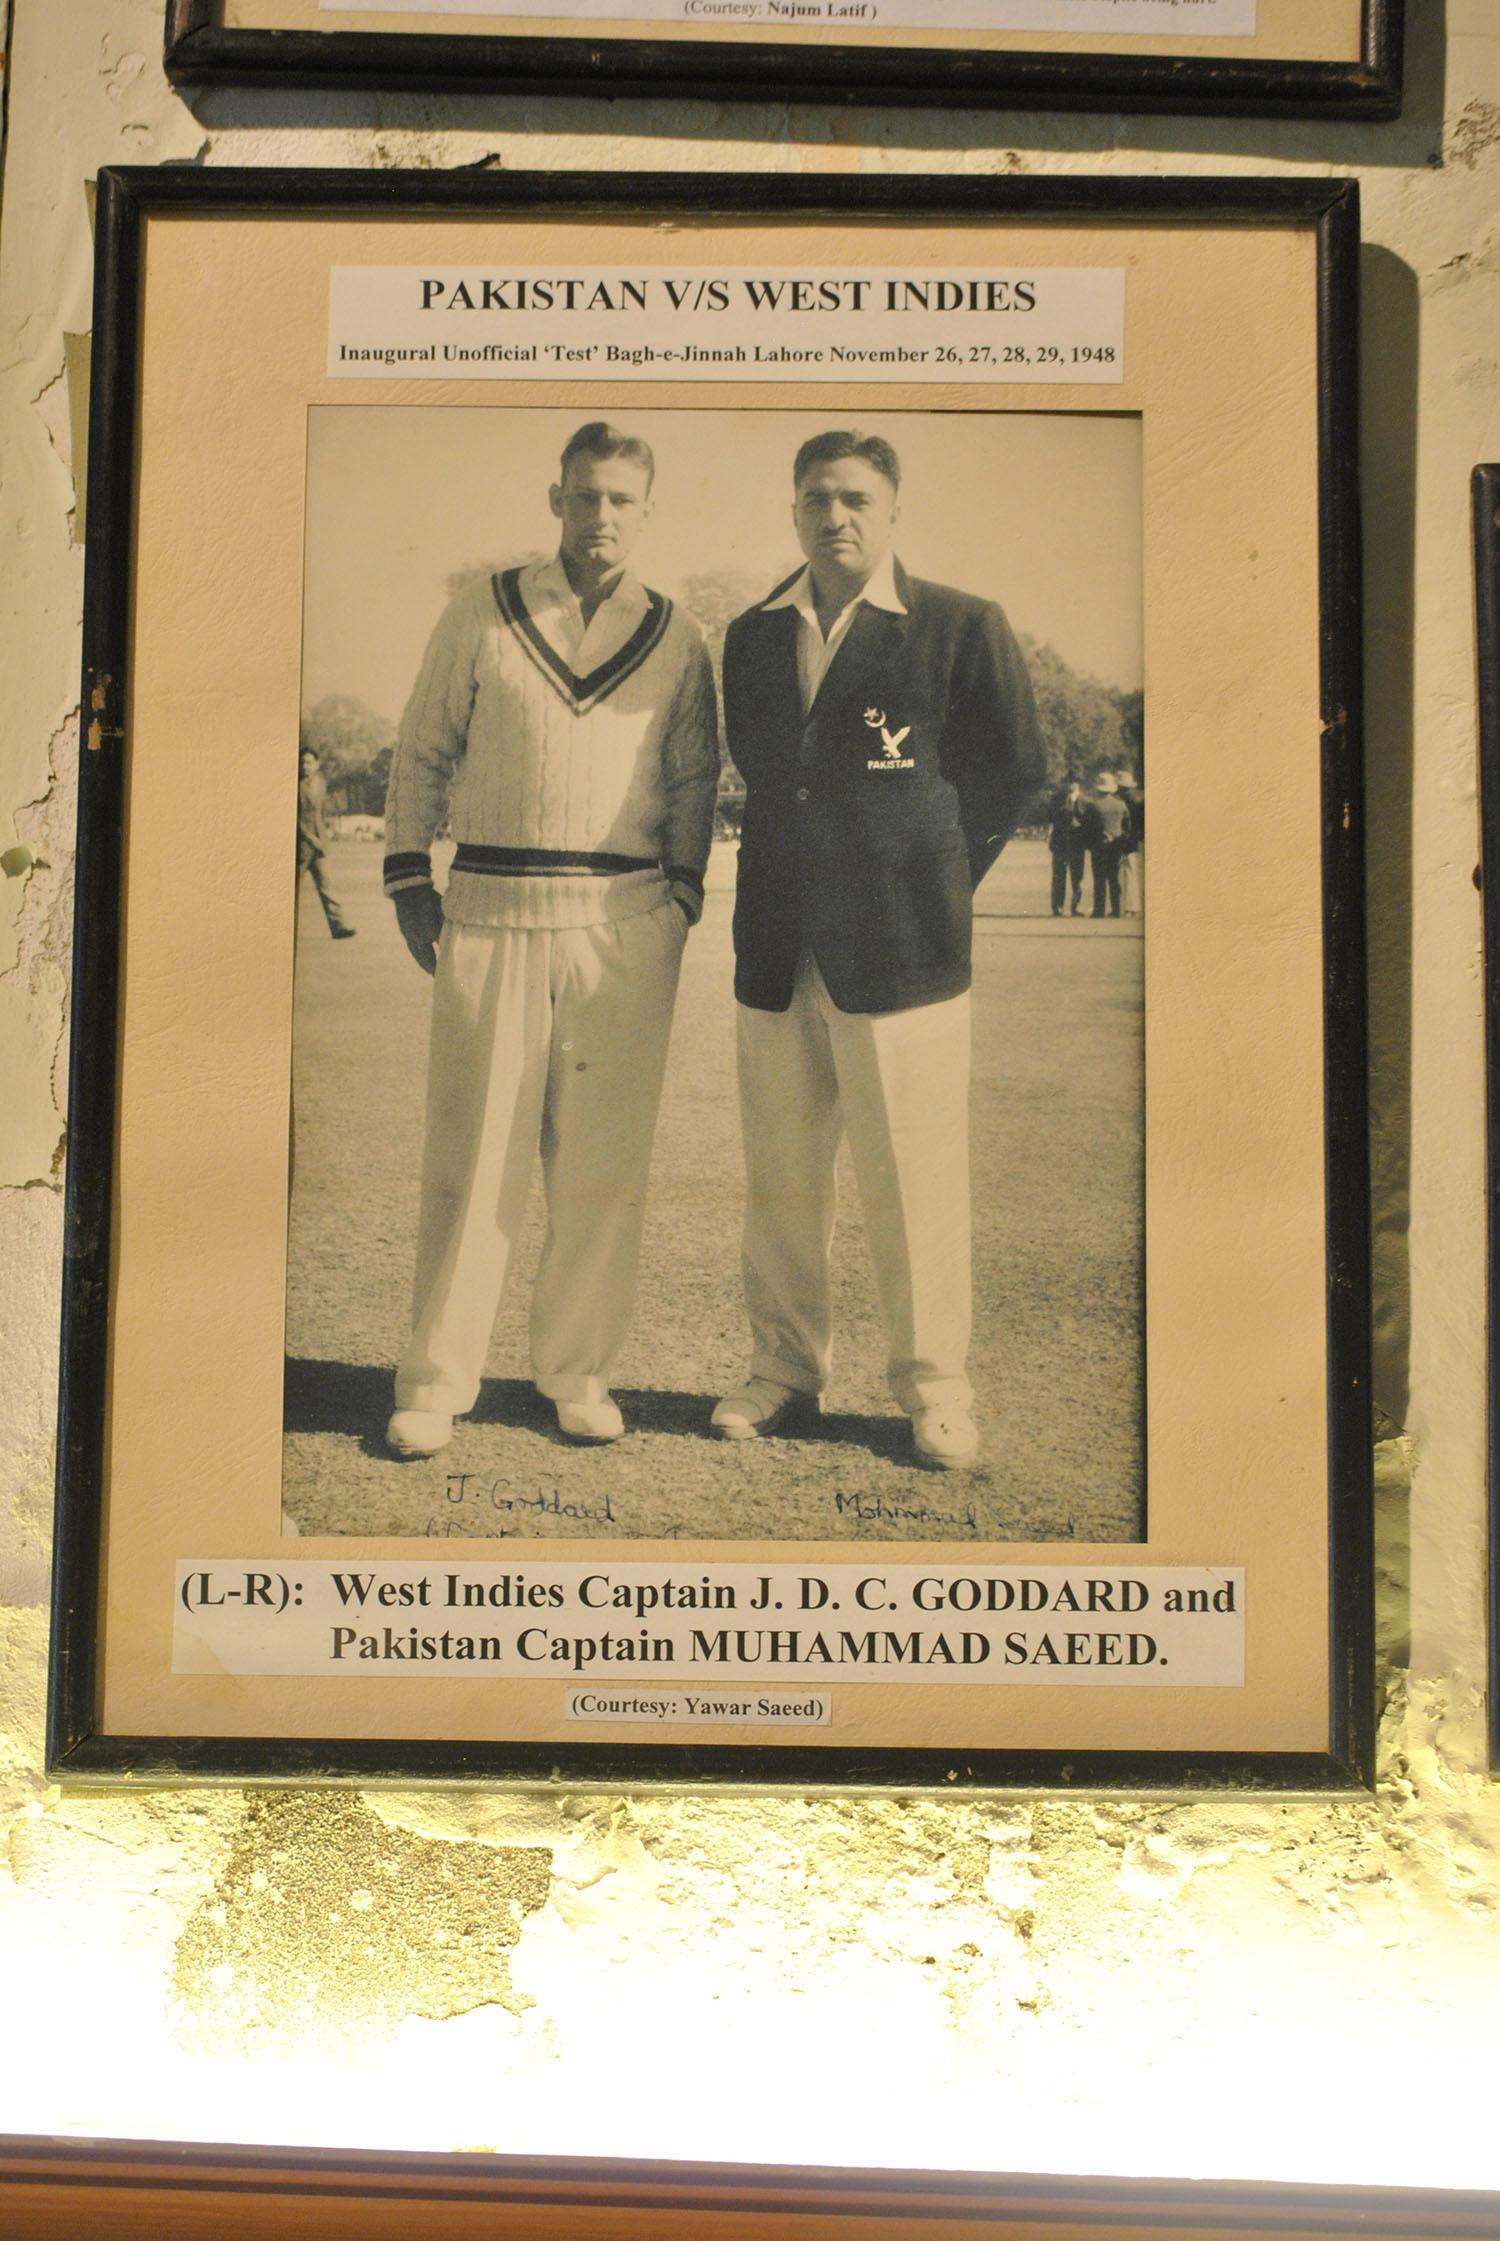 پاکستانی کپتان محمد سعید ویسٹ انڈین کپتان جے ڈی سی گوڈارڈ کے ساتھ نومبر 1948 میں لاہور جمخانہ میں۔— فوٹو عون علی